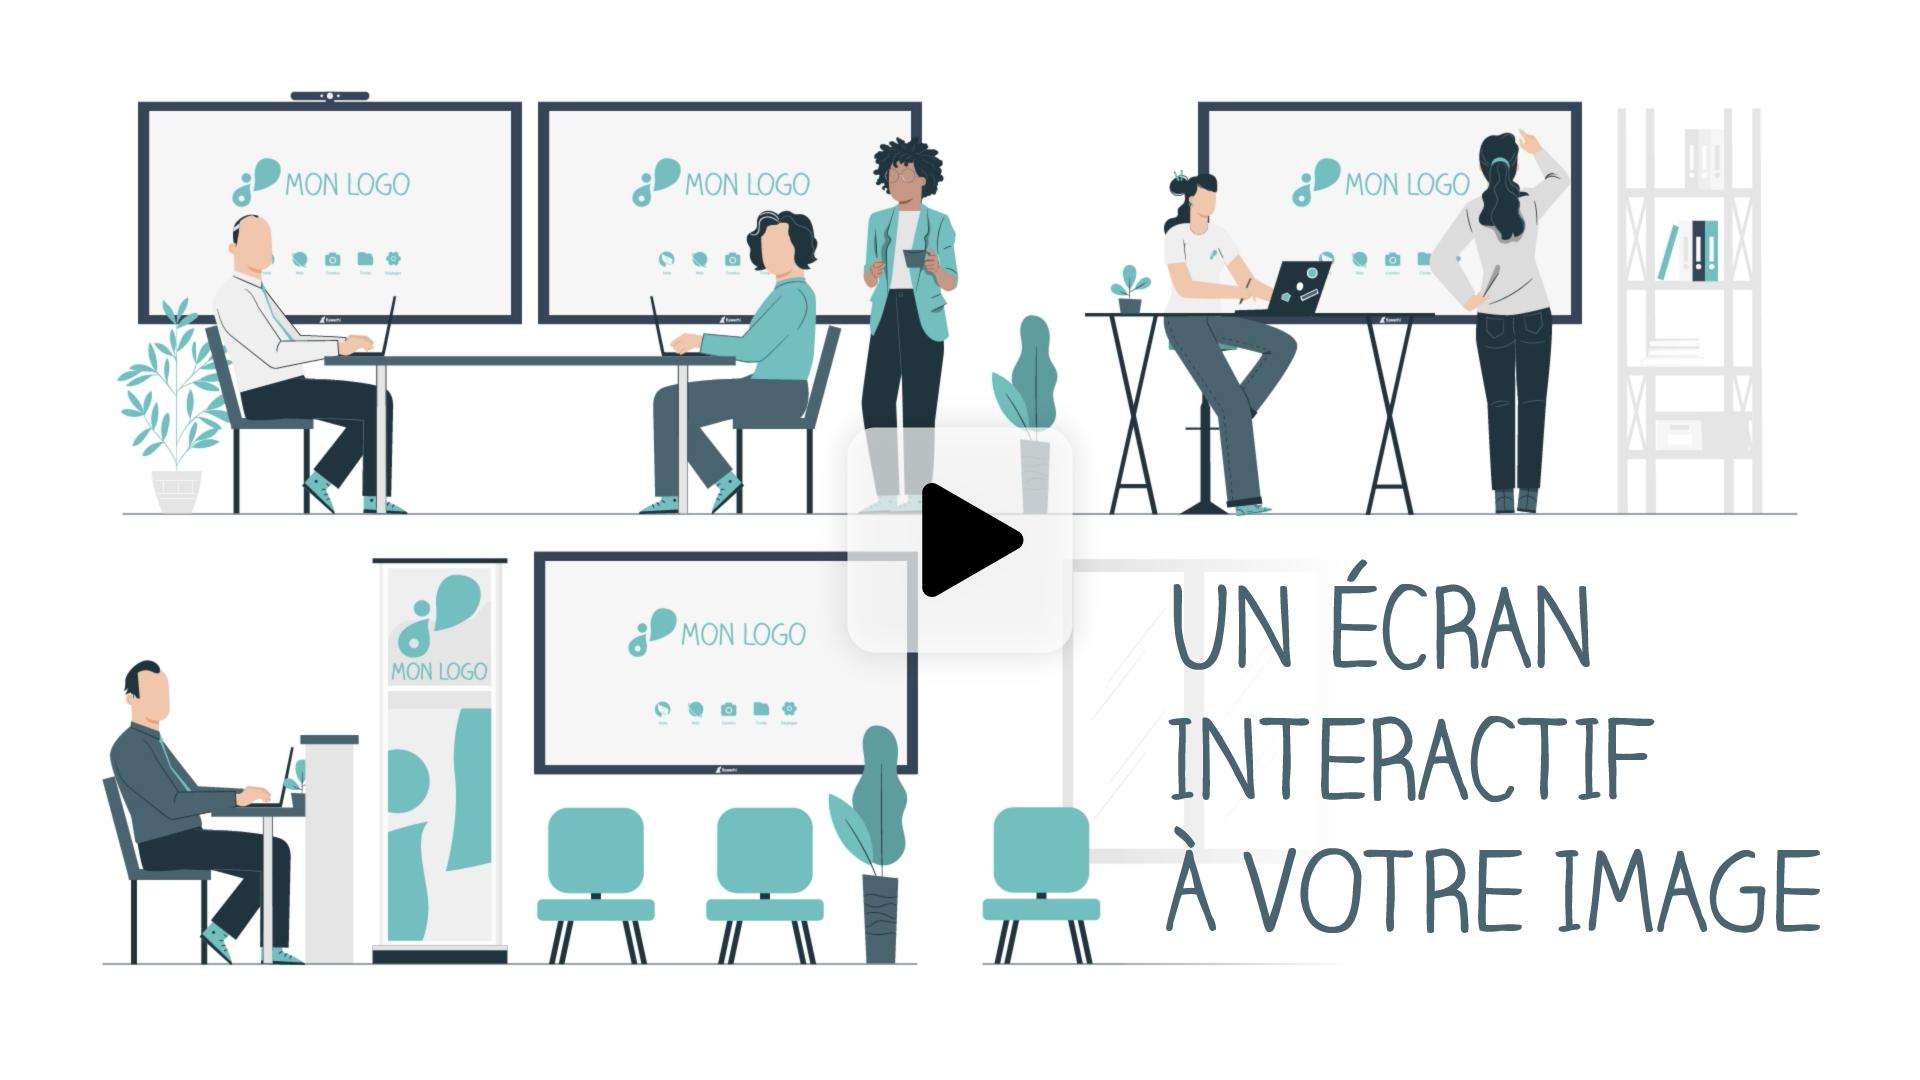 rendre son écran interactif personnalisable en vidéo